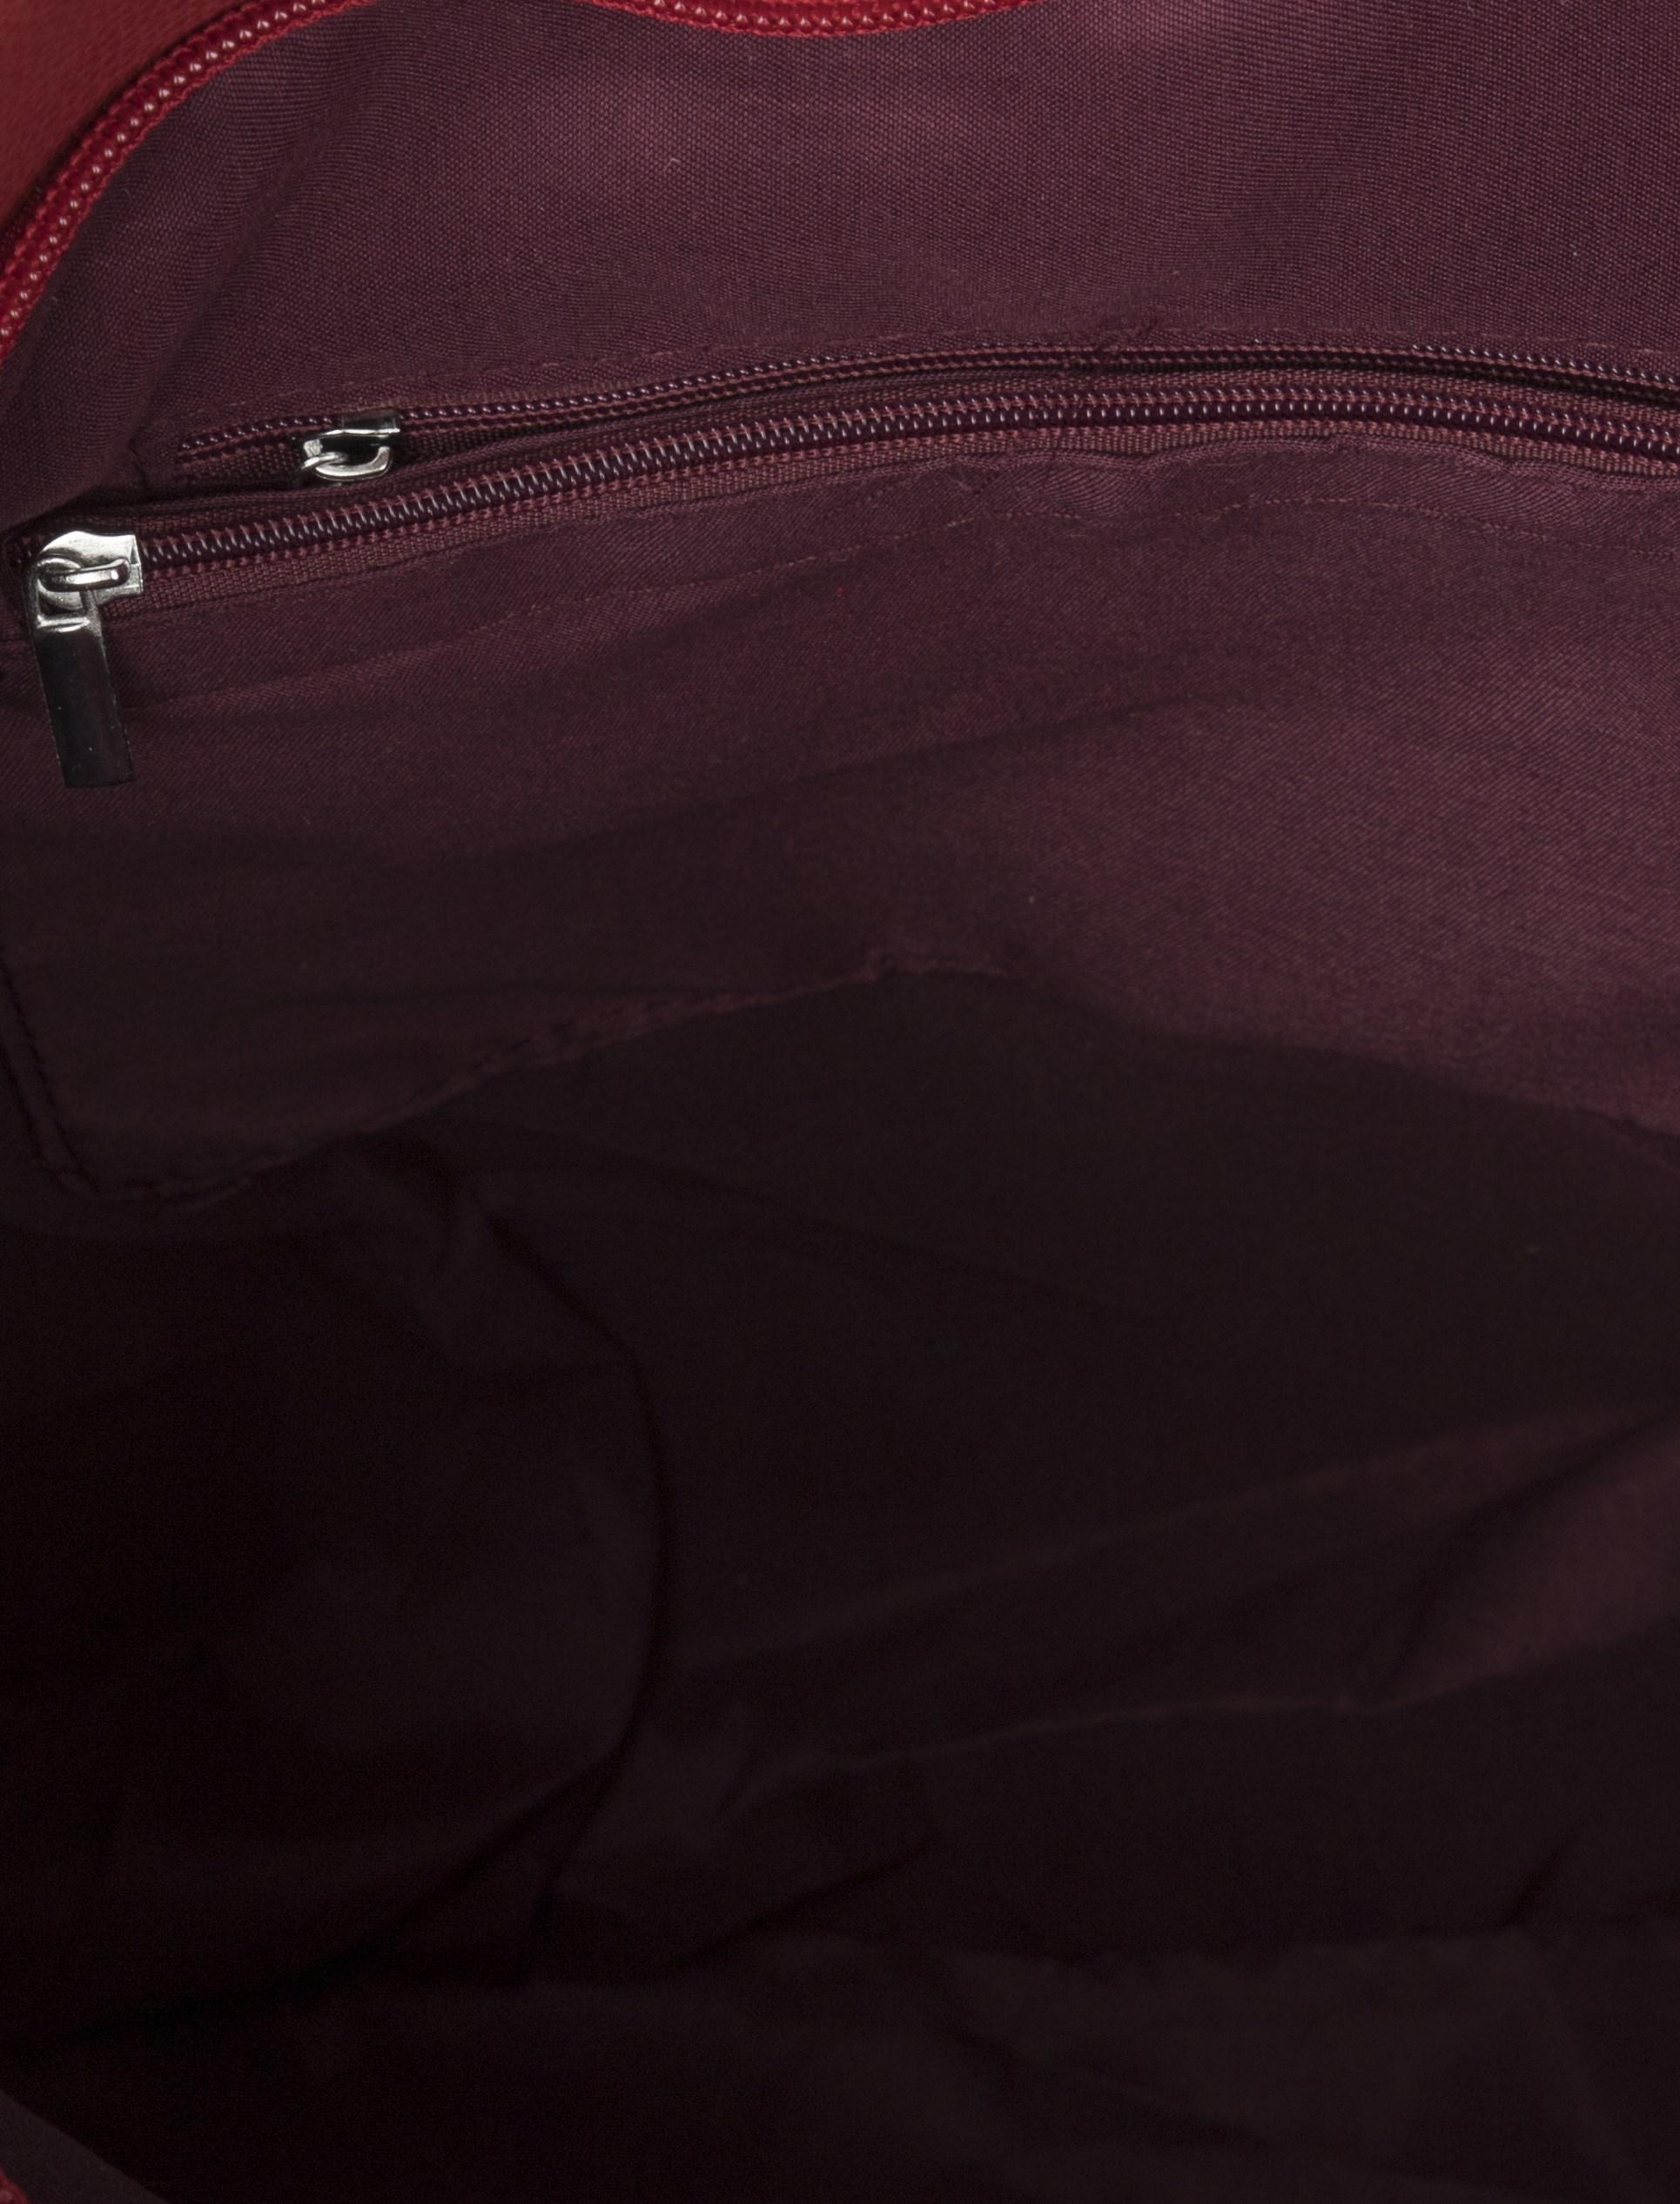 کیف دستی روزمره زنانه - قرمز - 6